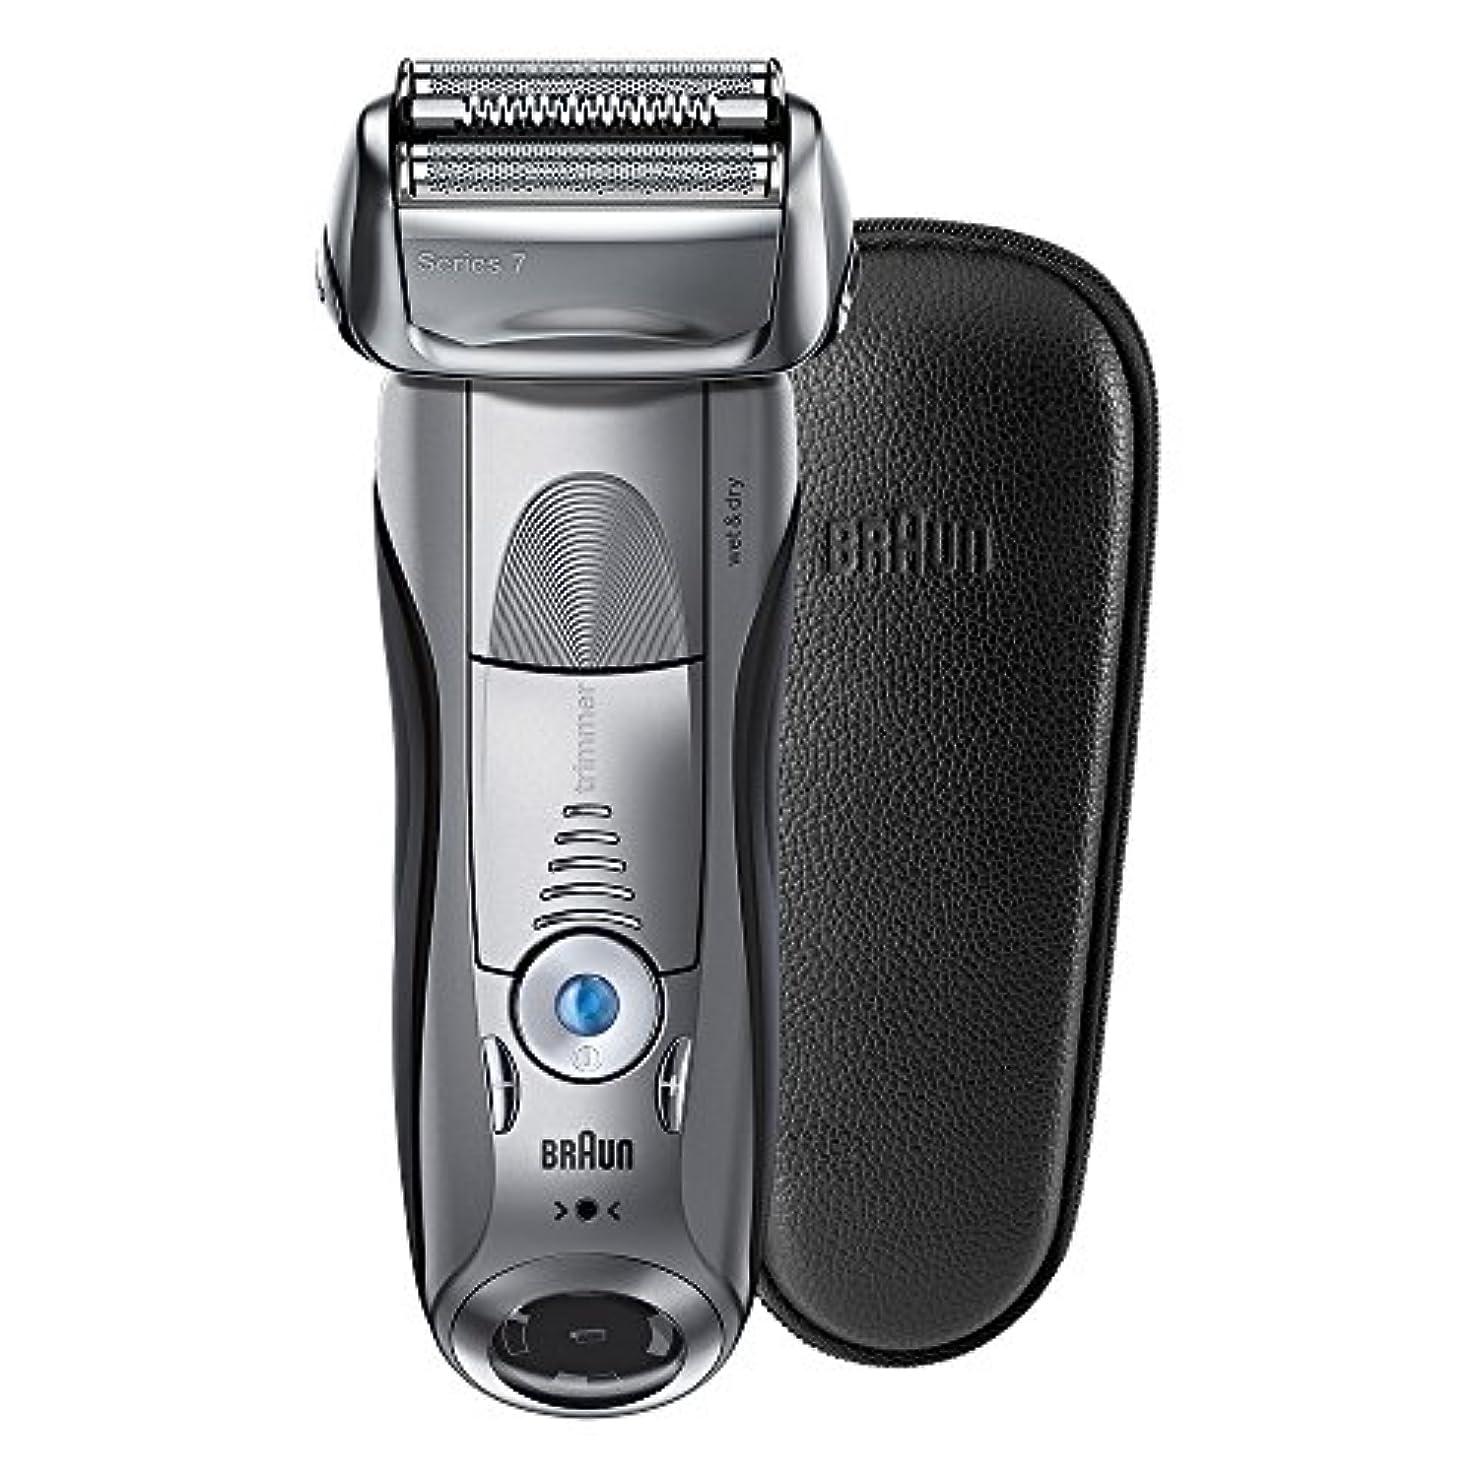 意味のある飢親愛なブラウン メンズ電気シェーバー シリーズ7 7893s-SP 4カットシステム 水洗い/お風呂剃り可 本革ケース付